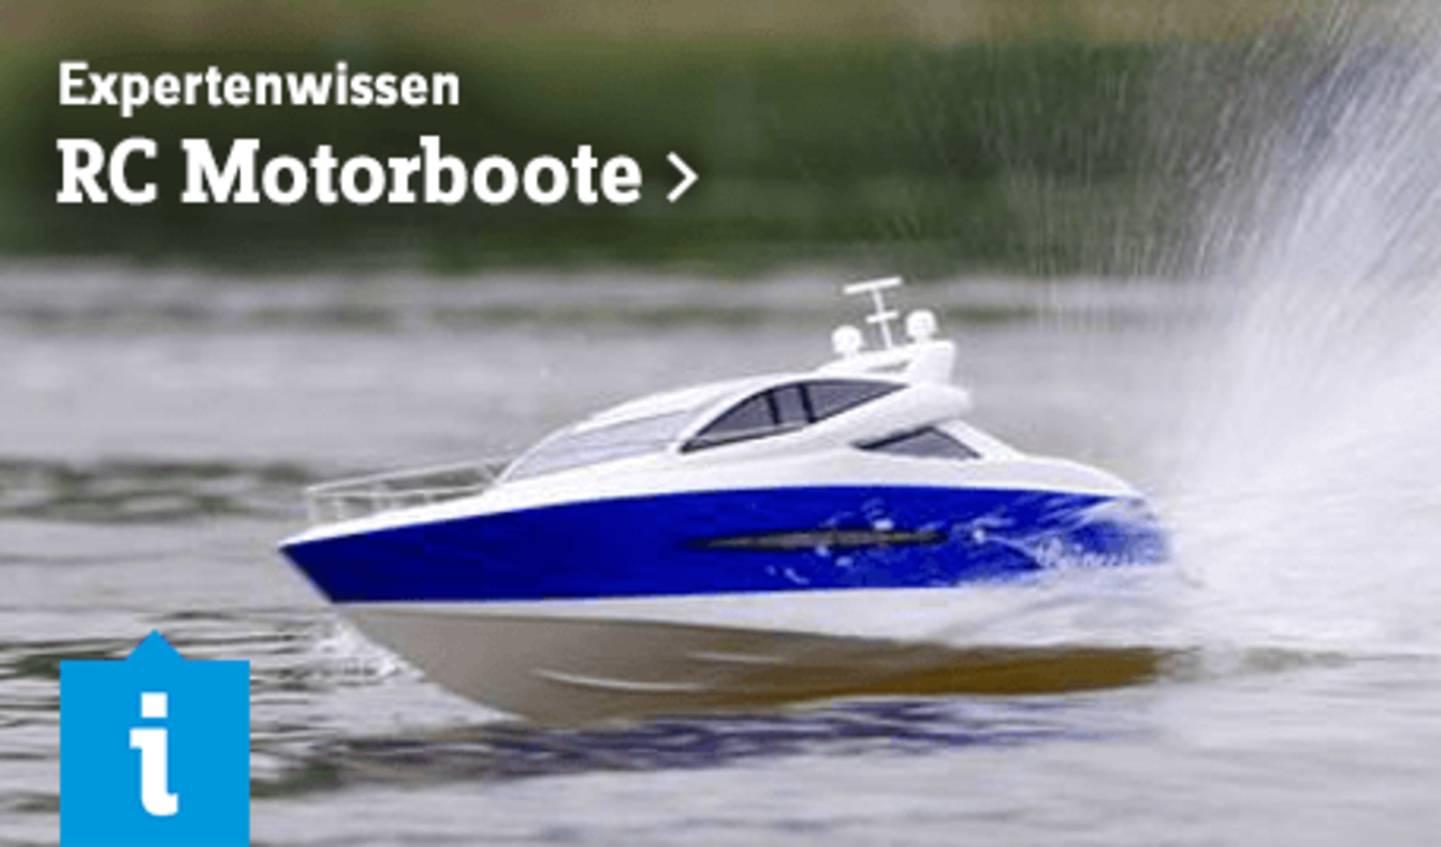 Expertenwissen: RC Motorboote